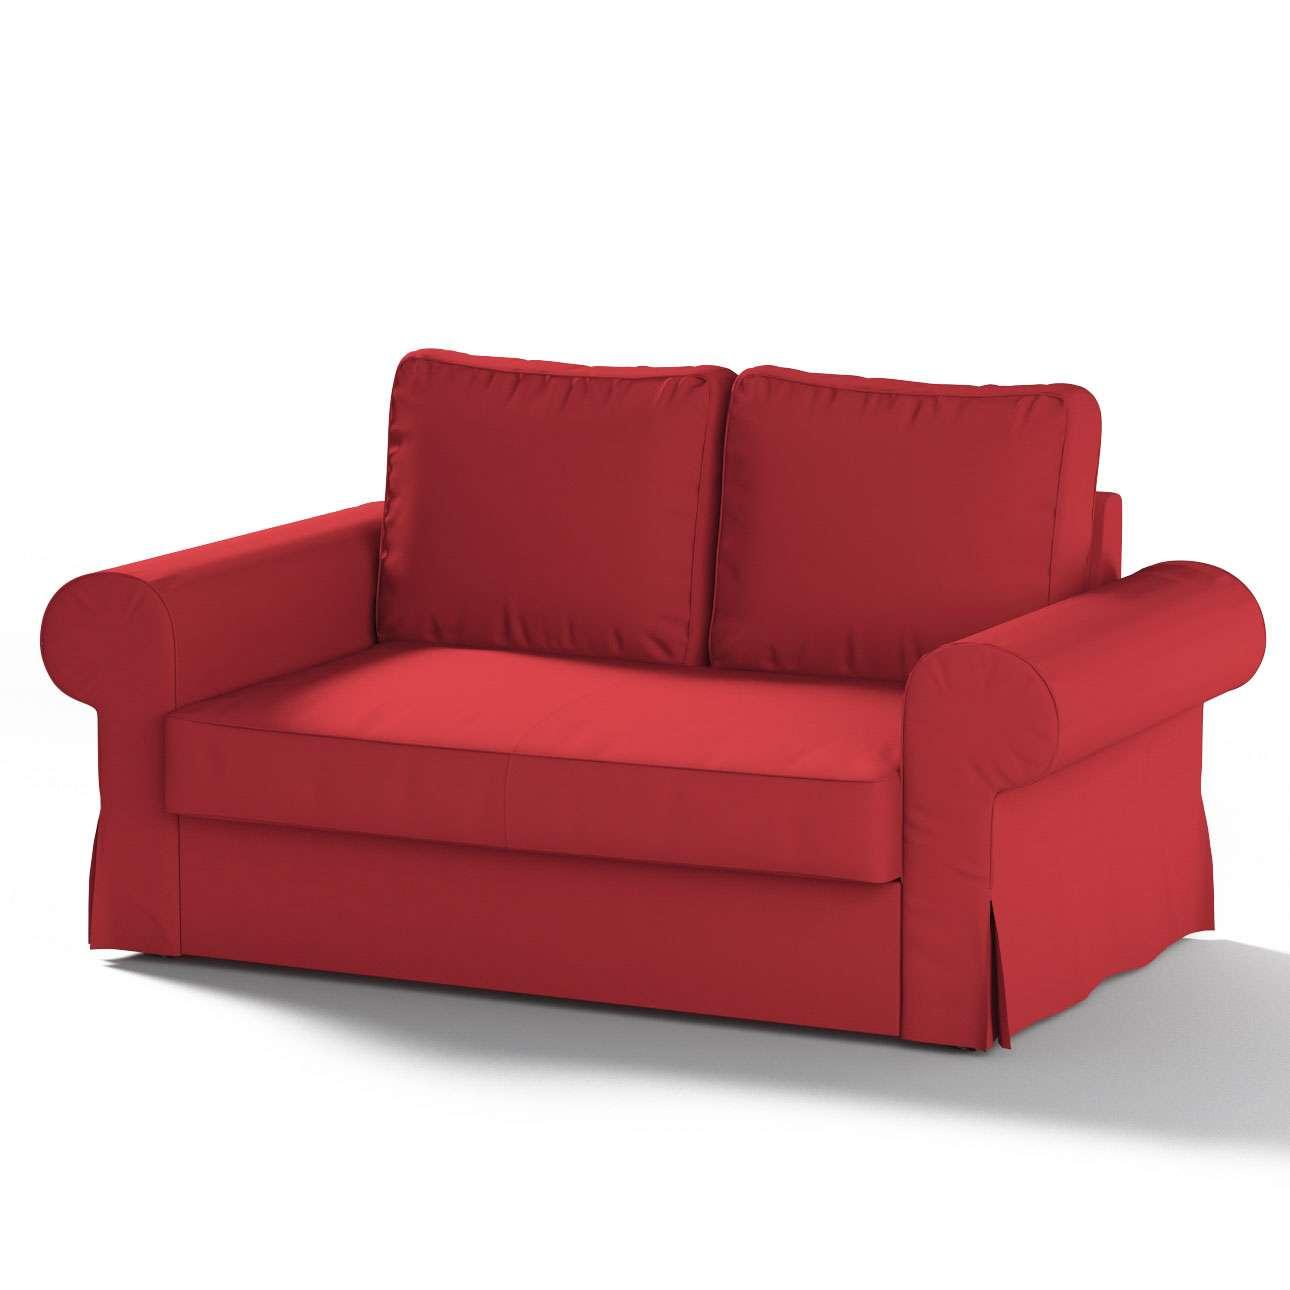 Pokrowiec na sofę Backabro 2-osobową rozkładaną sofa Backabro 2-osobowa rozkładana w kolekcji Cotton Panama, tkanina: 702-04